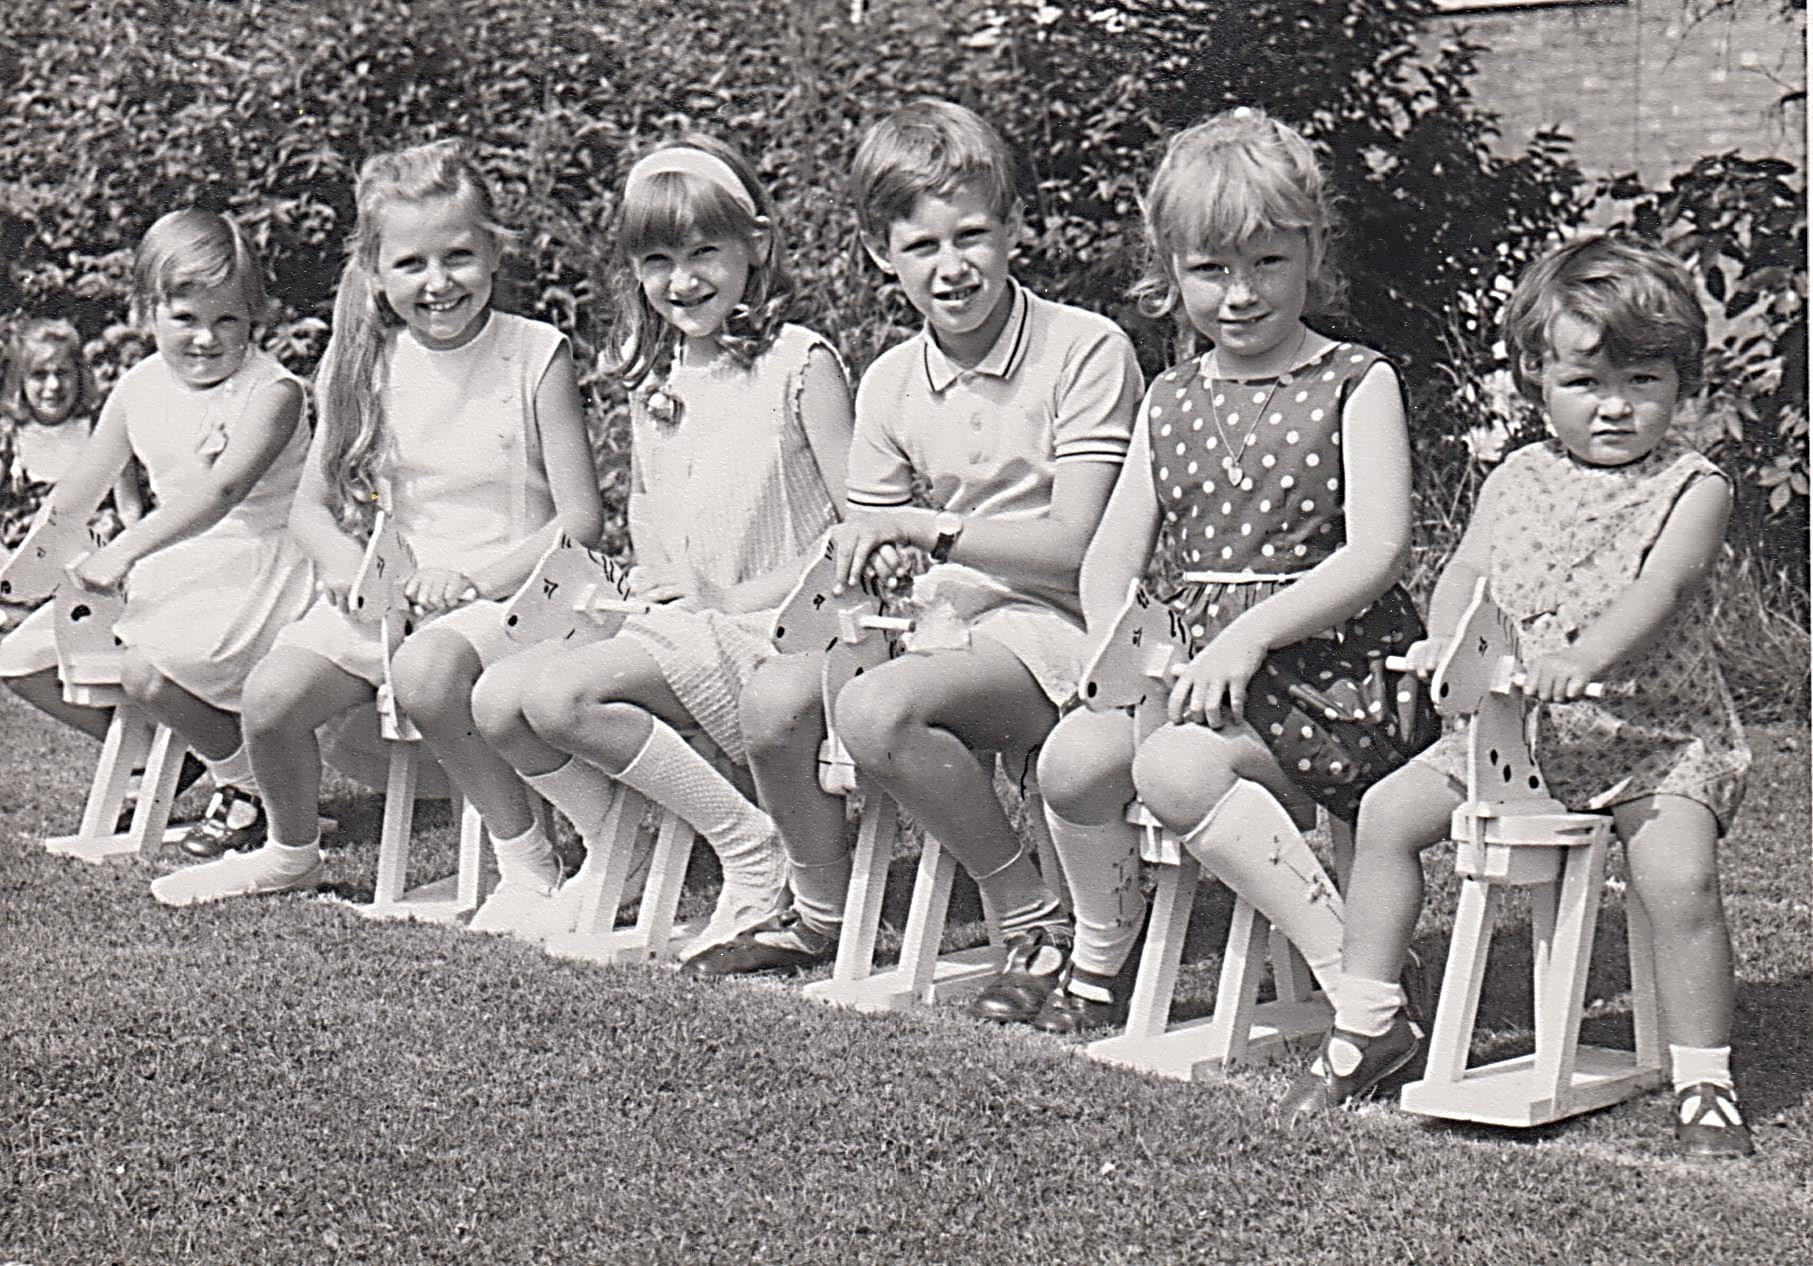 church_garden_party_around_1968_1969_001.jpg